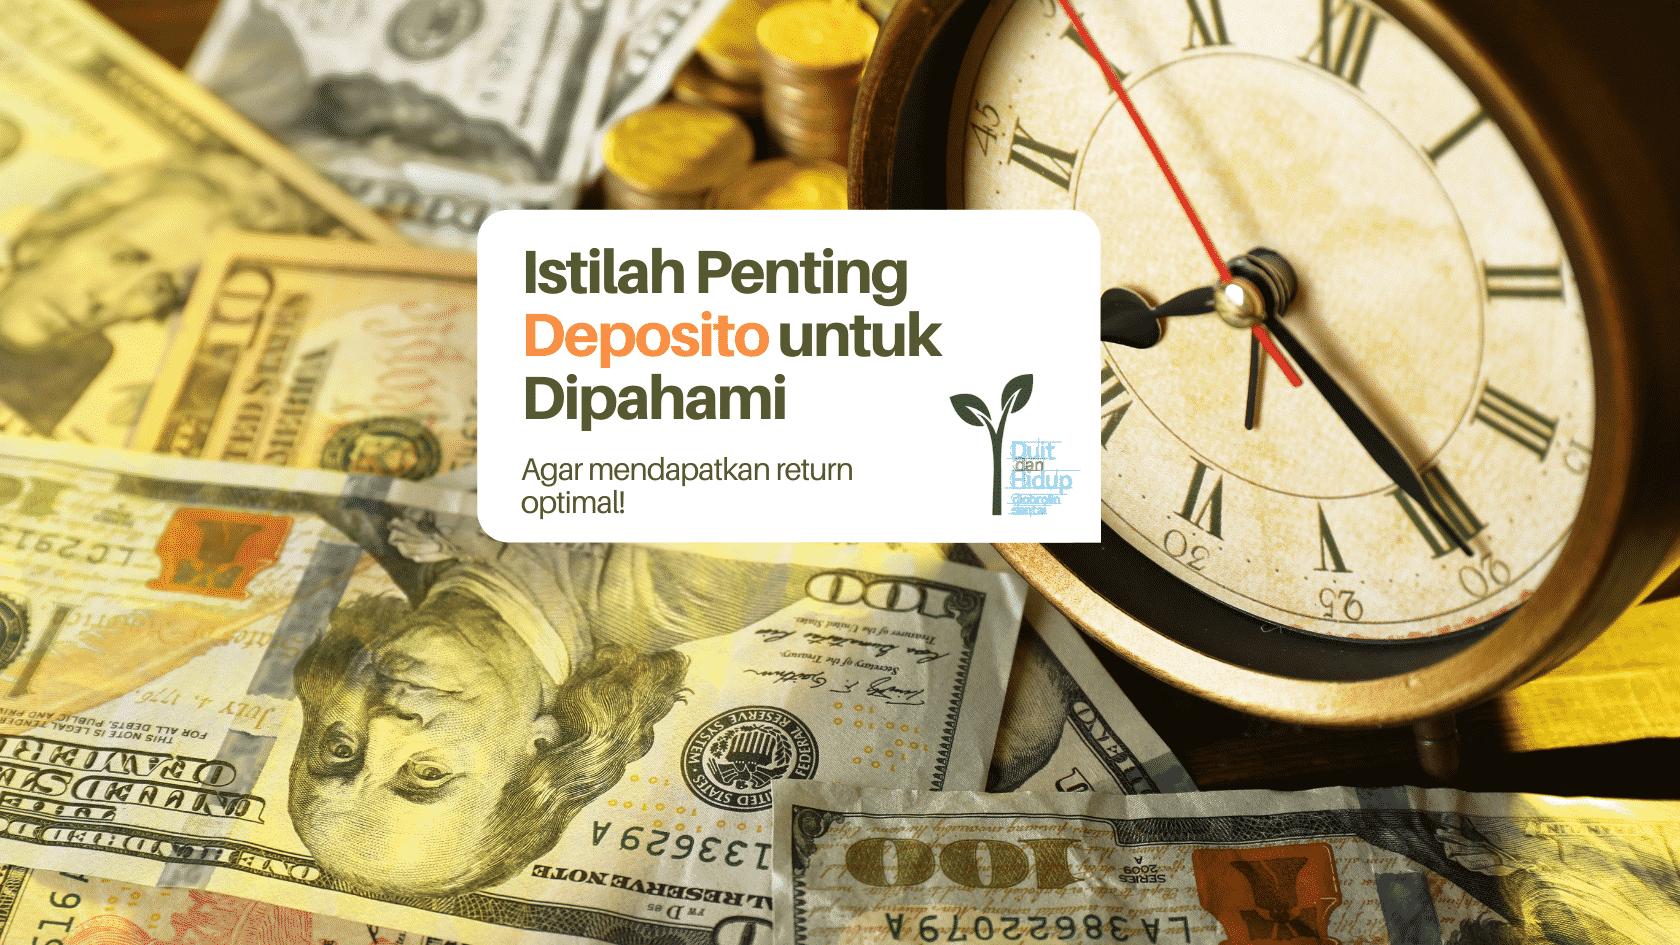 Istilah Penting Deposito untuk Dipahami